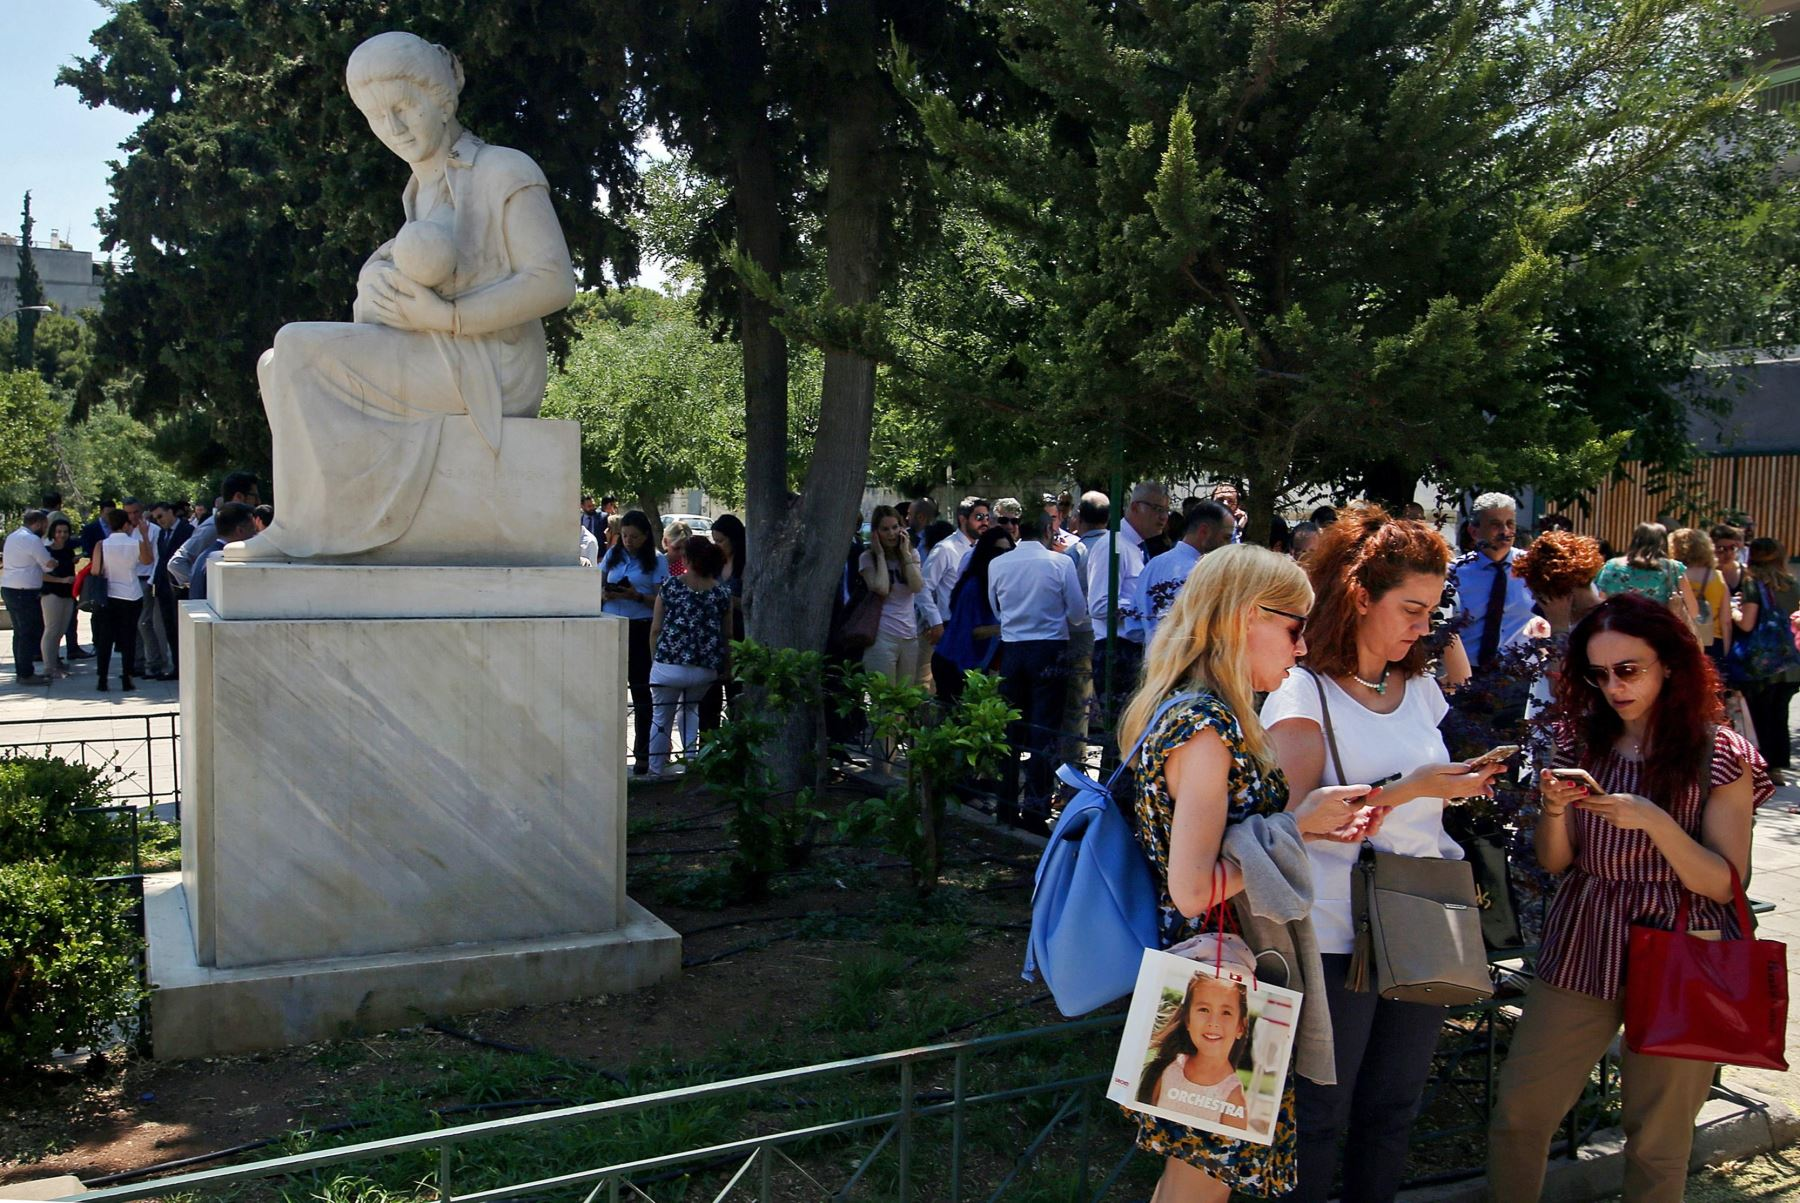 Un terremoto de magnitud 5,1 en la escala de Richter sacudió este mediodía la capital de Grecia. Foto: EFE